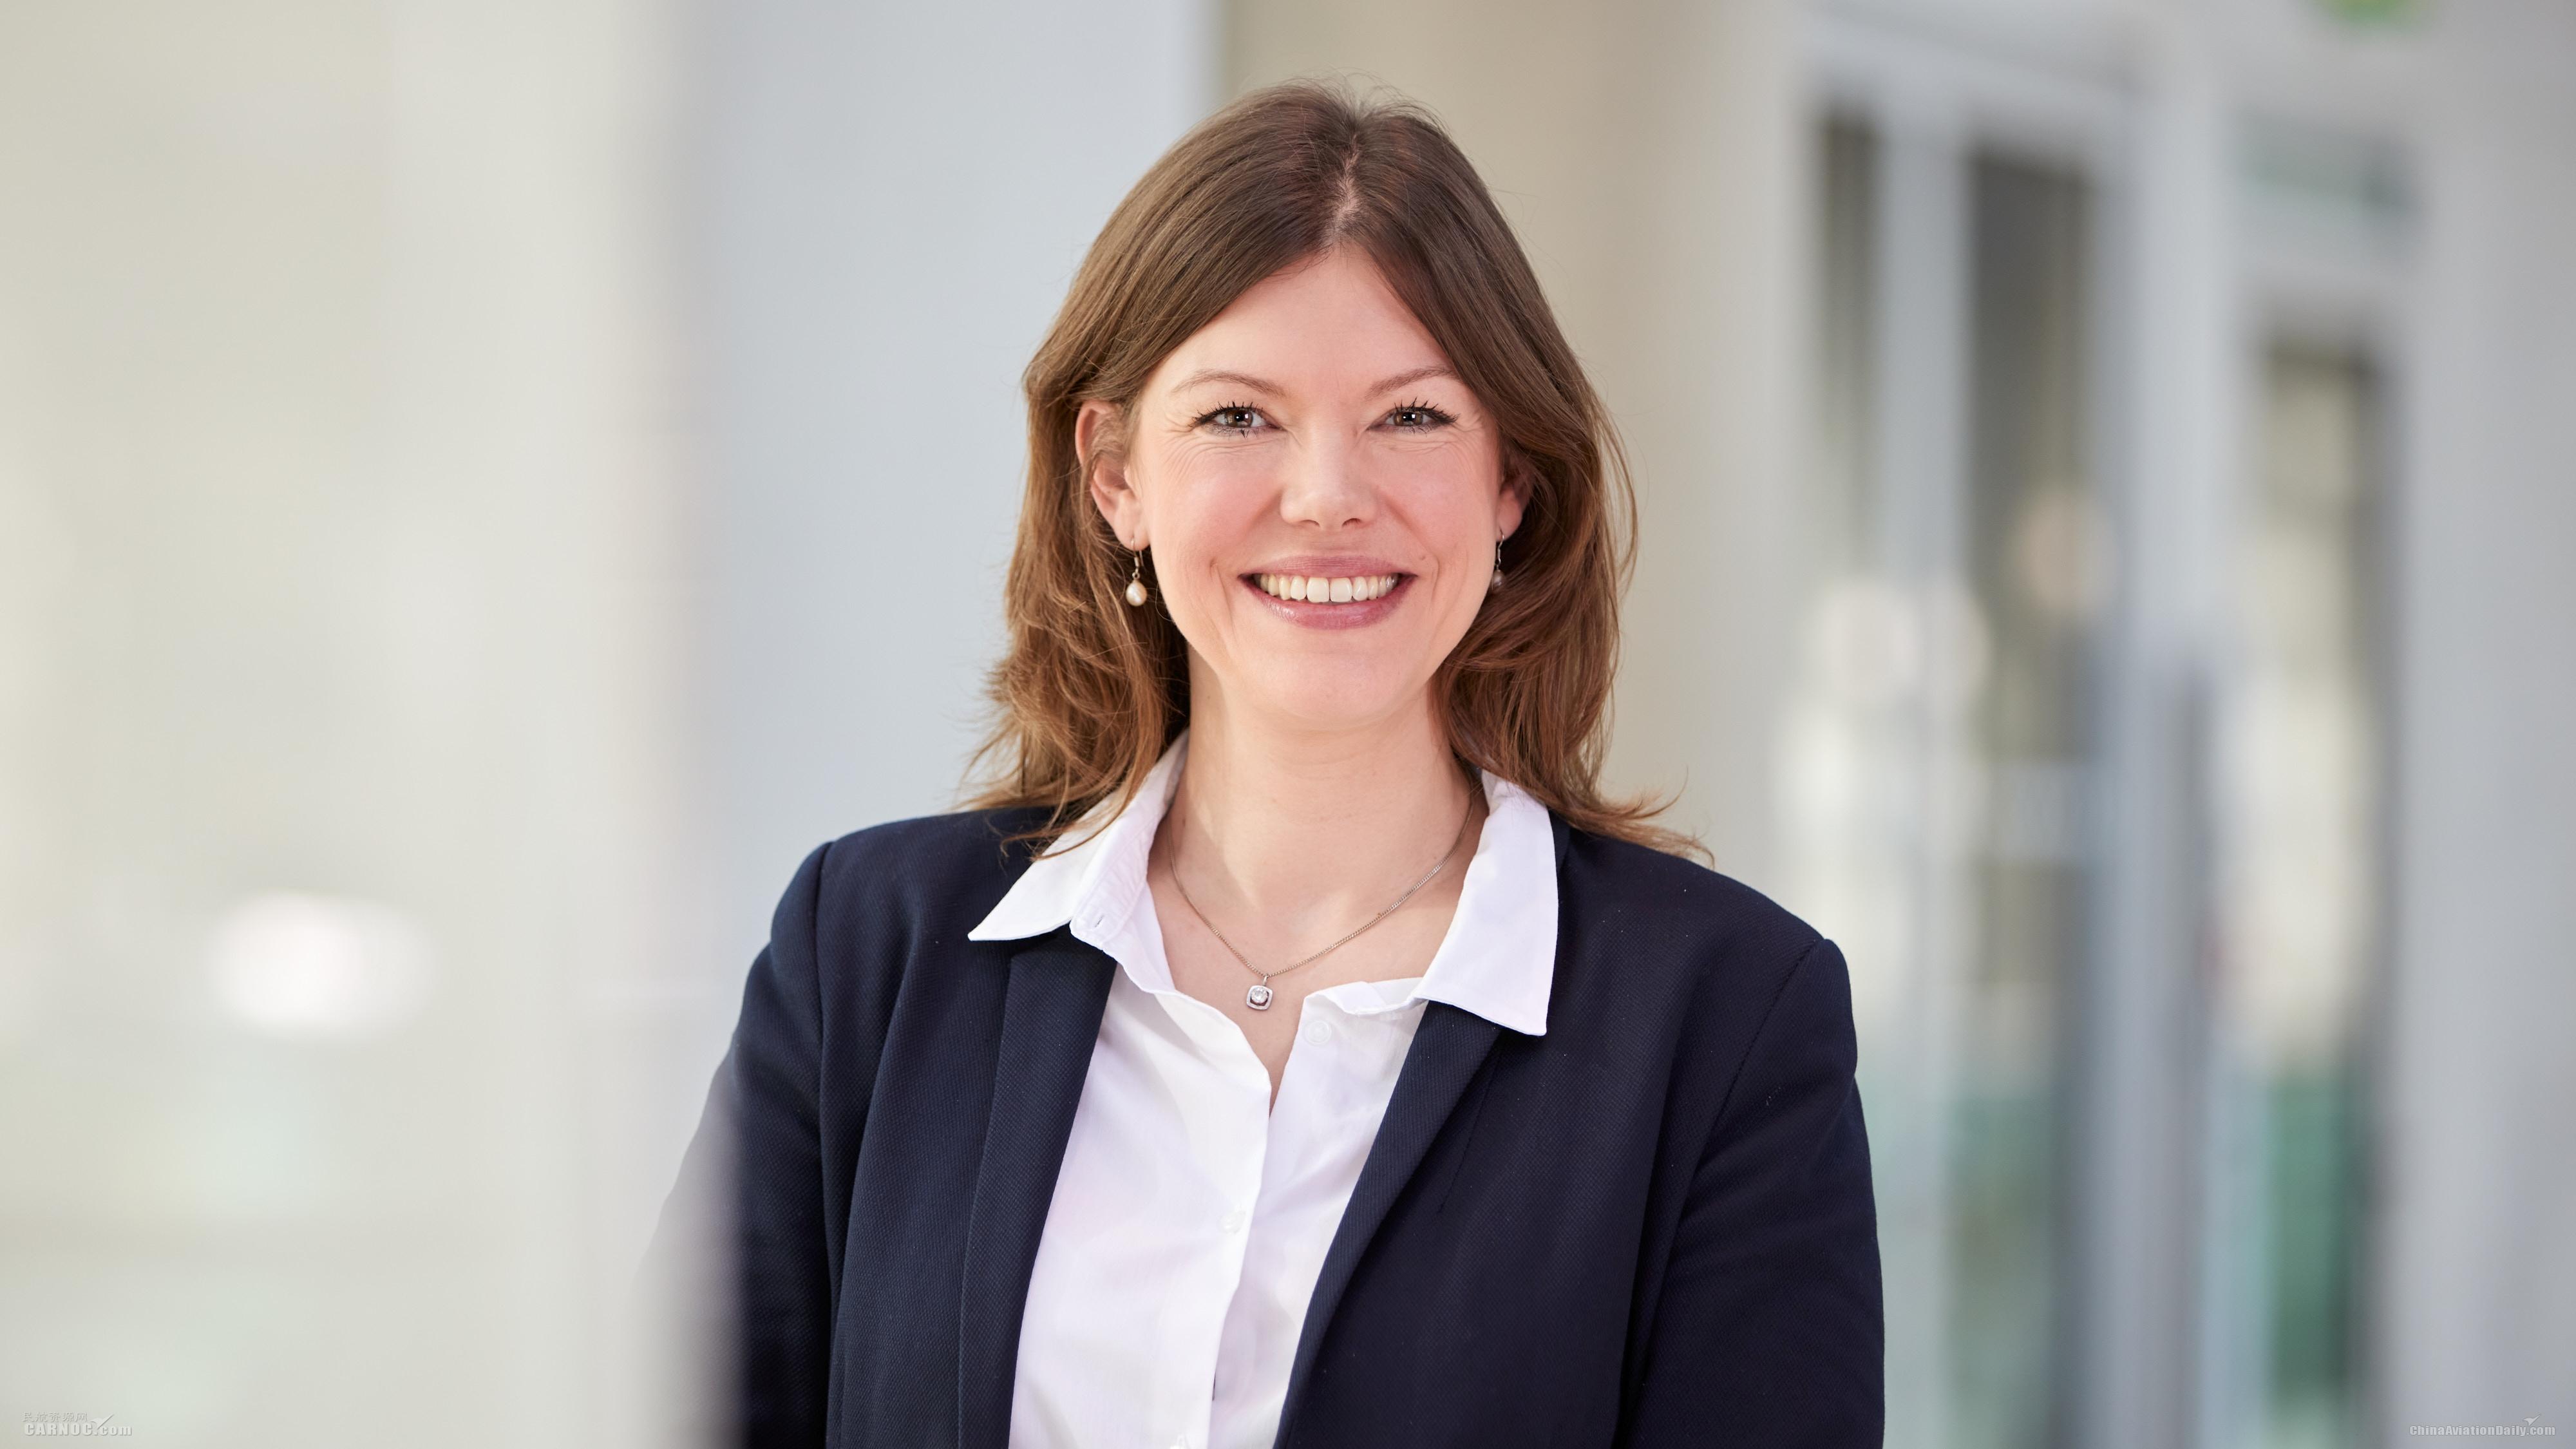 汉莎航空集团宣布Elise Becker为新任亚太区副总裁